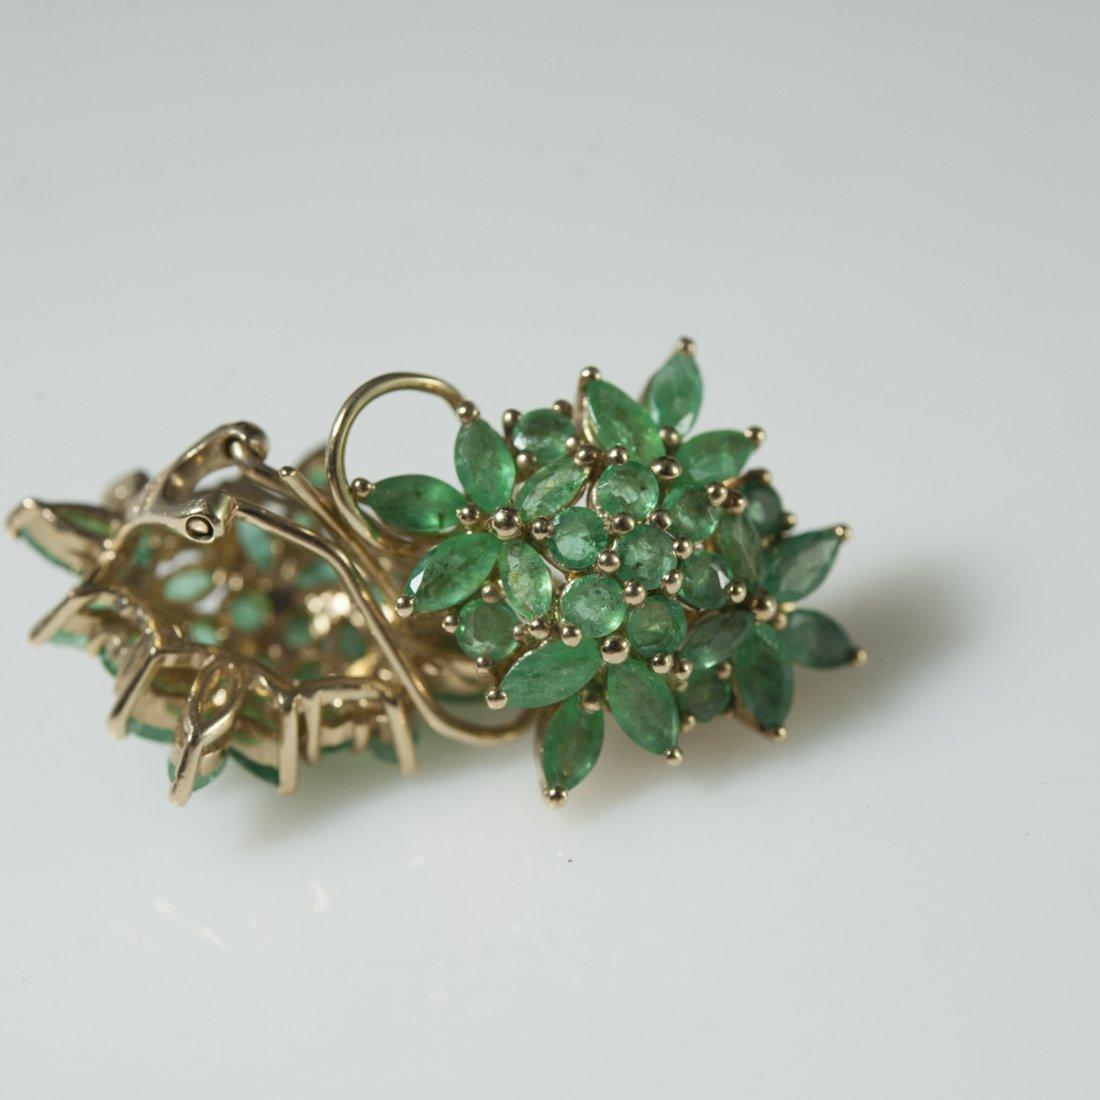 10kt Gold & Emerald Earrings - 4